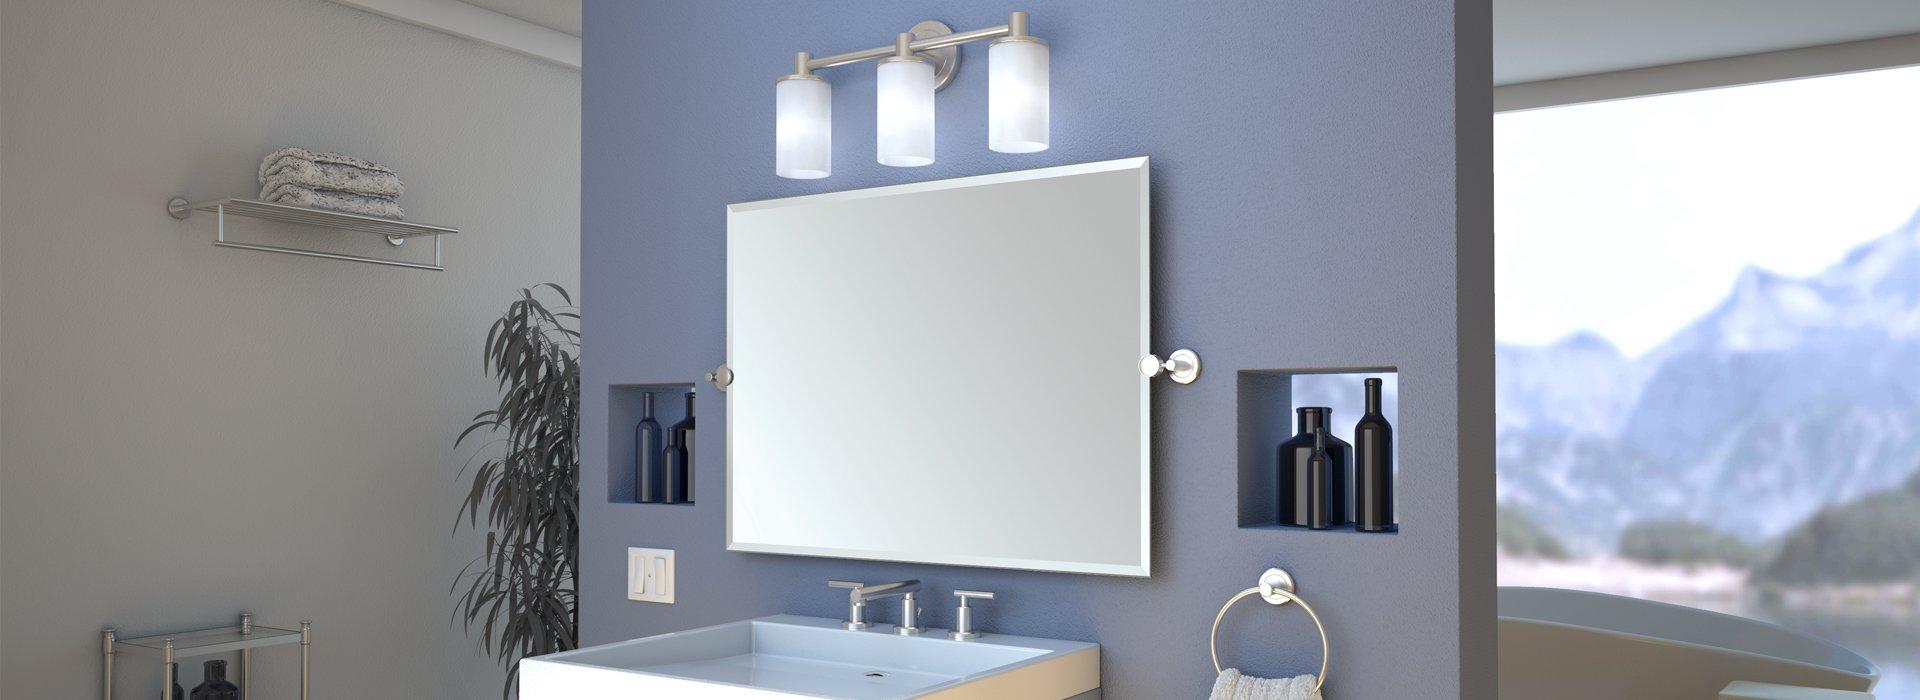 Gatco 1392SN Latitude II 17'' L Two-Tier Glass Shelf, Satin Nickel by Gatco (Image #3)